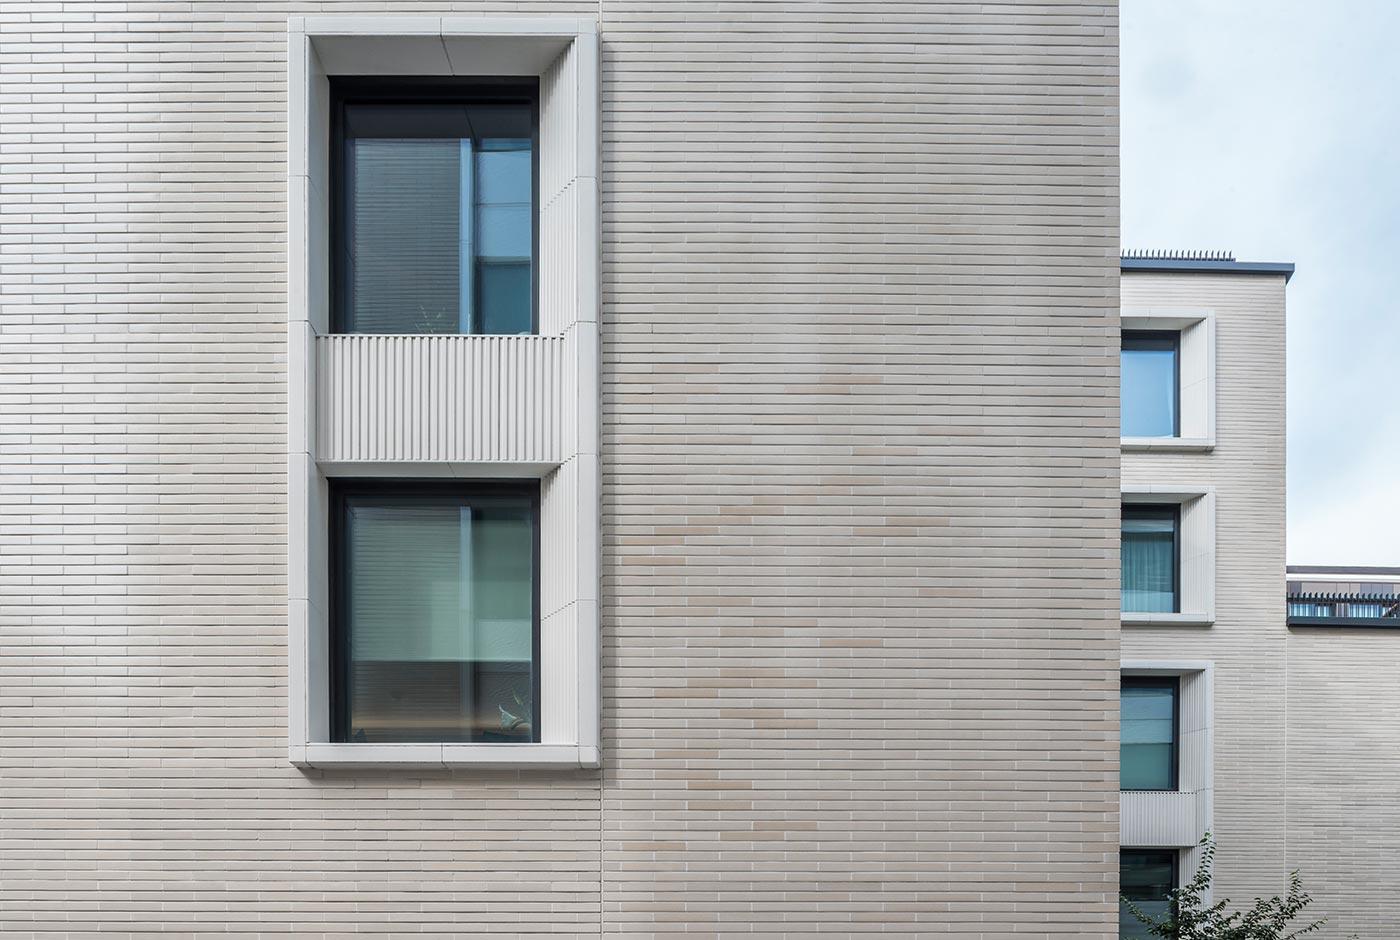 Complejo residencial y empresarial Rathbone Square